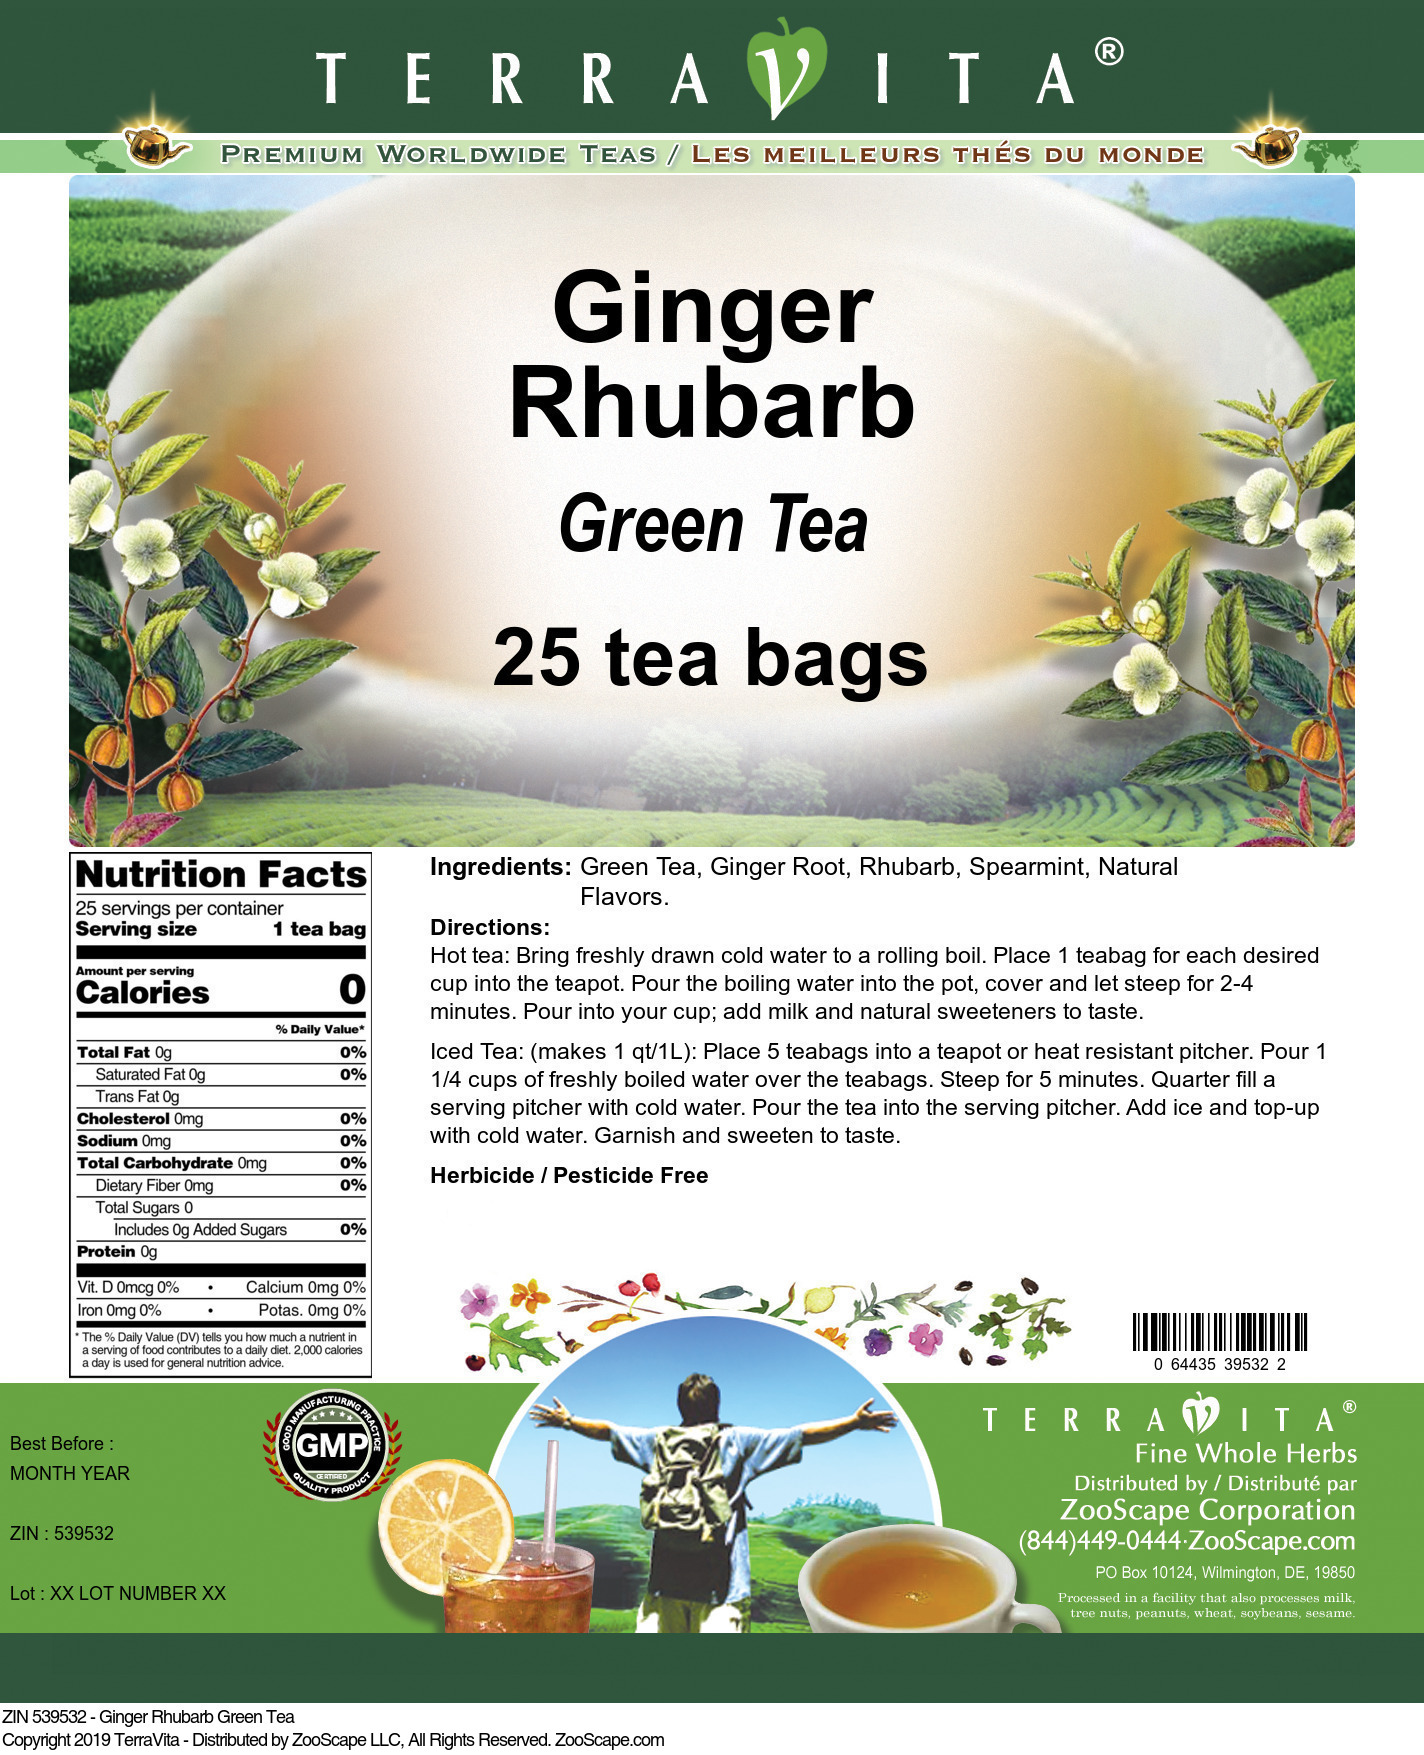 Ginger Rhubarb Green Tea